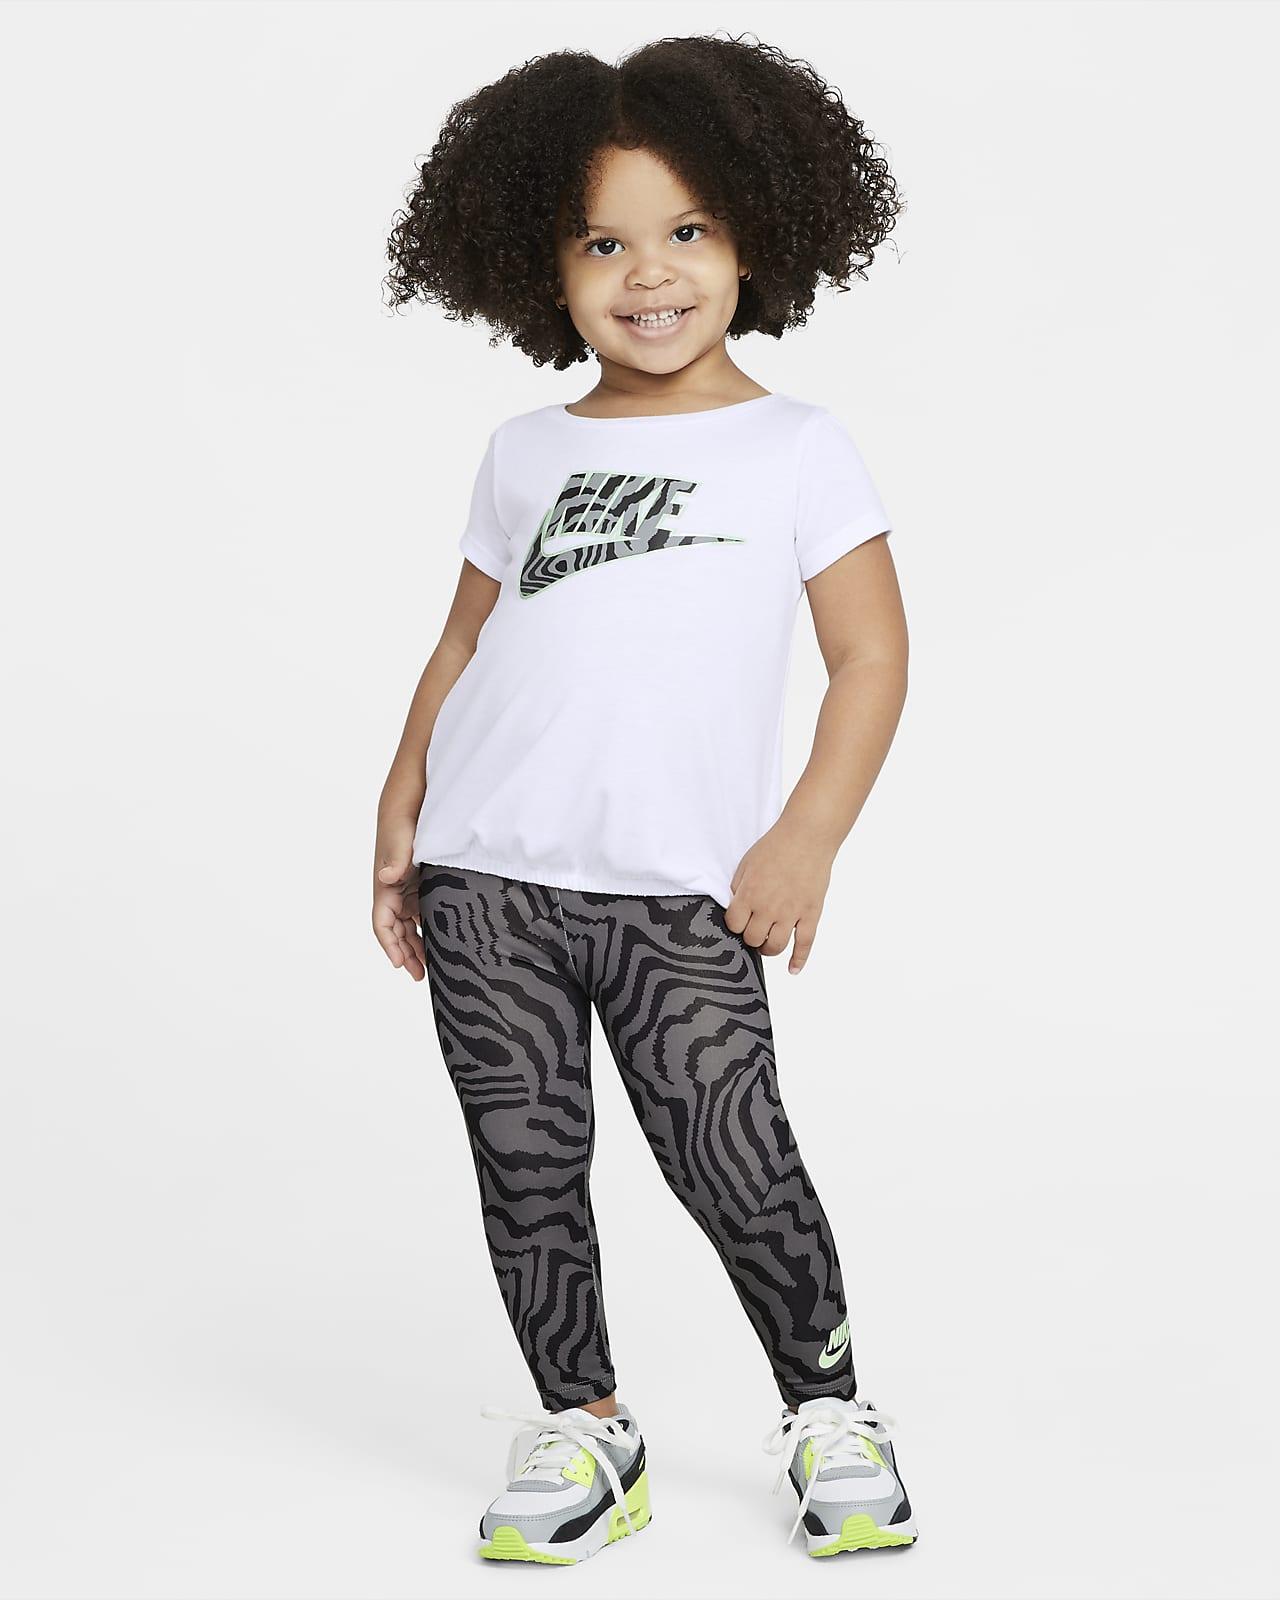 Nike Toddler Printed Top and Leggings Set